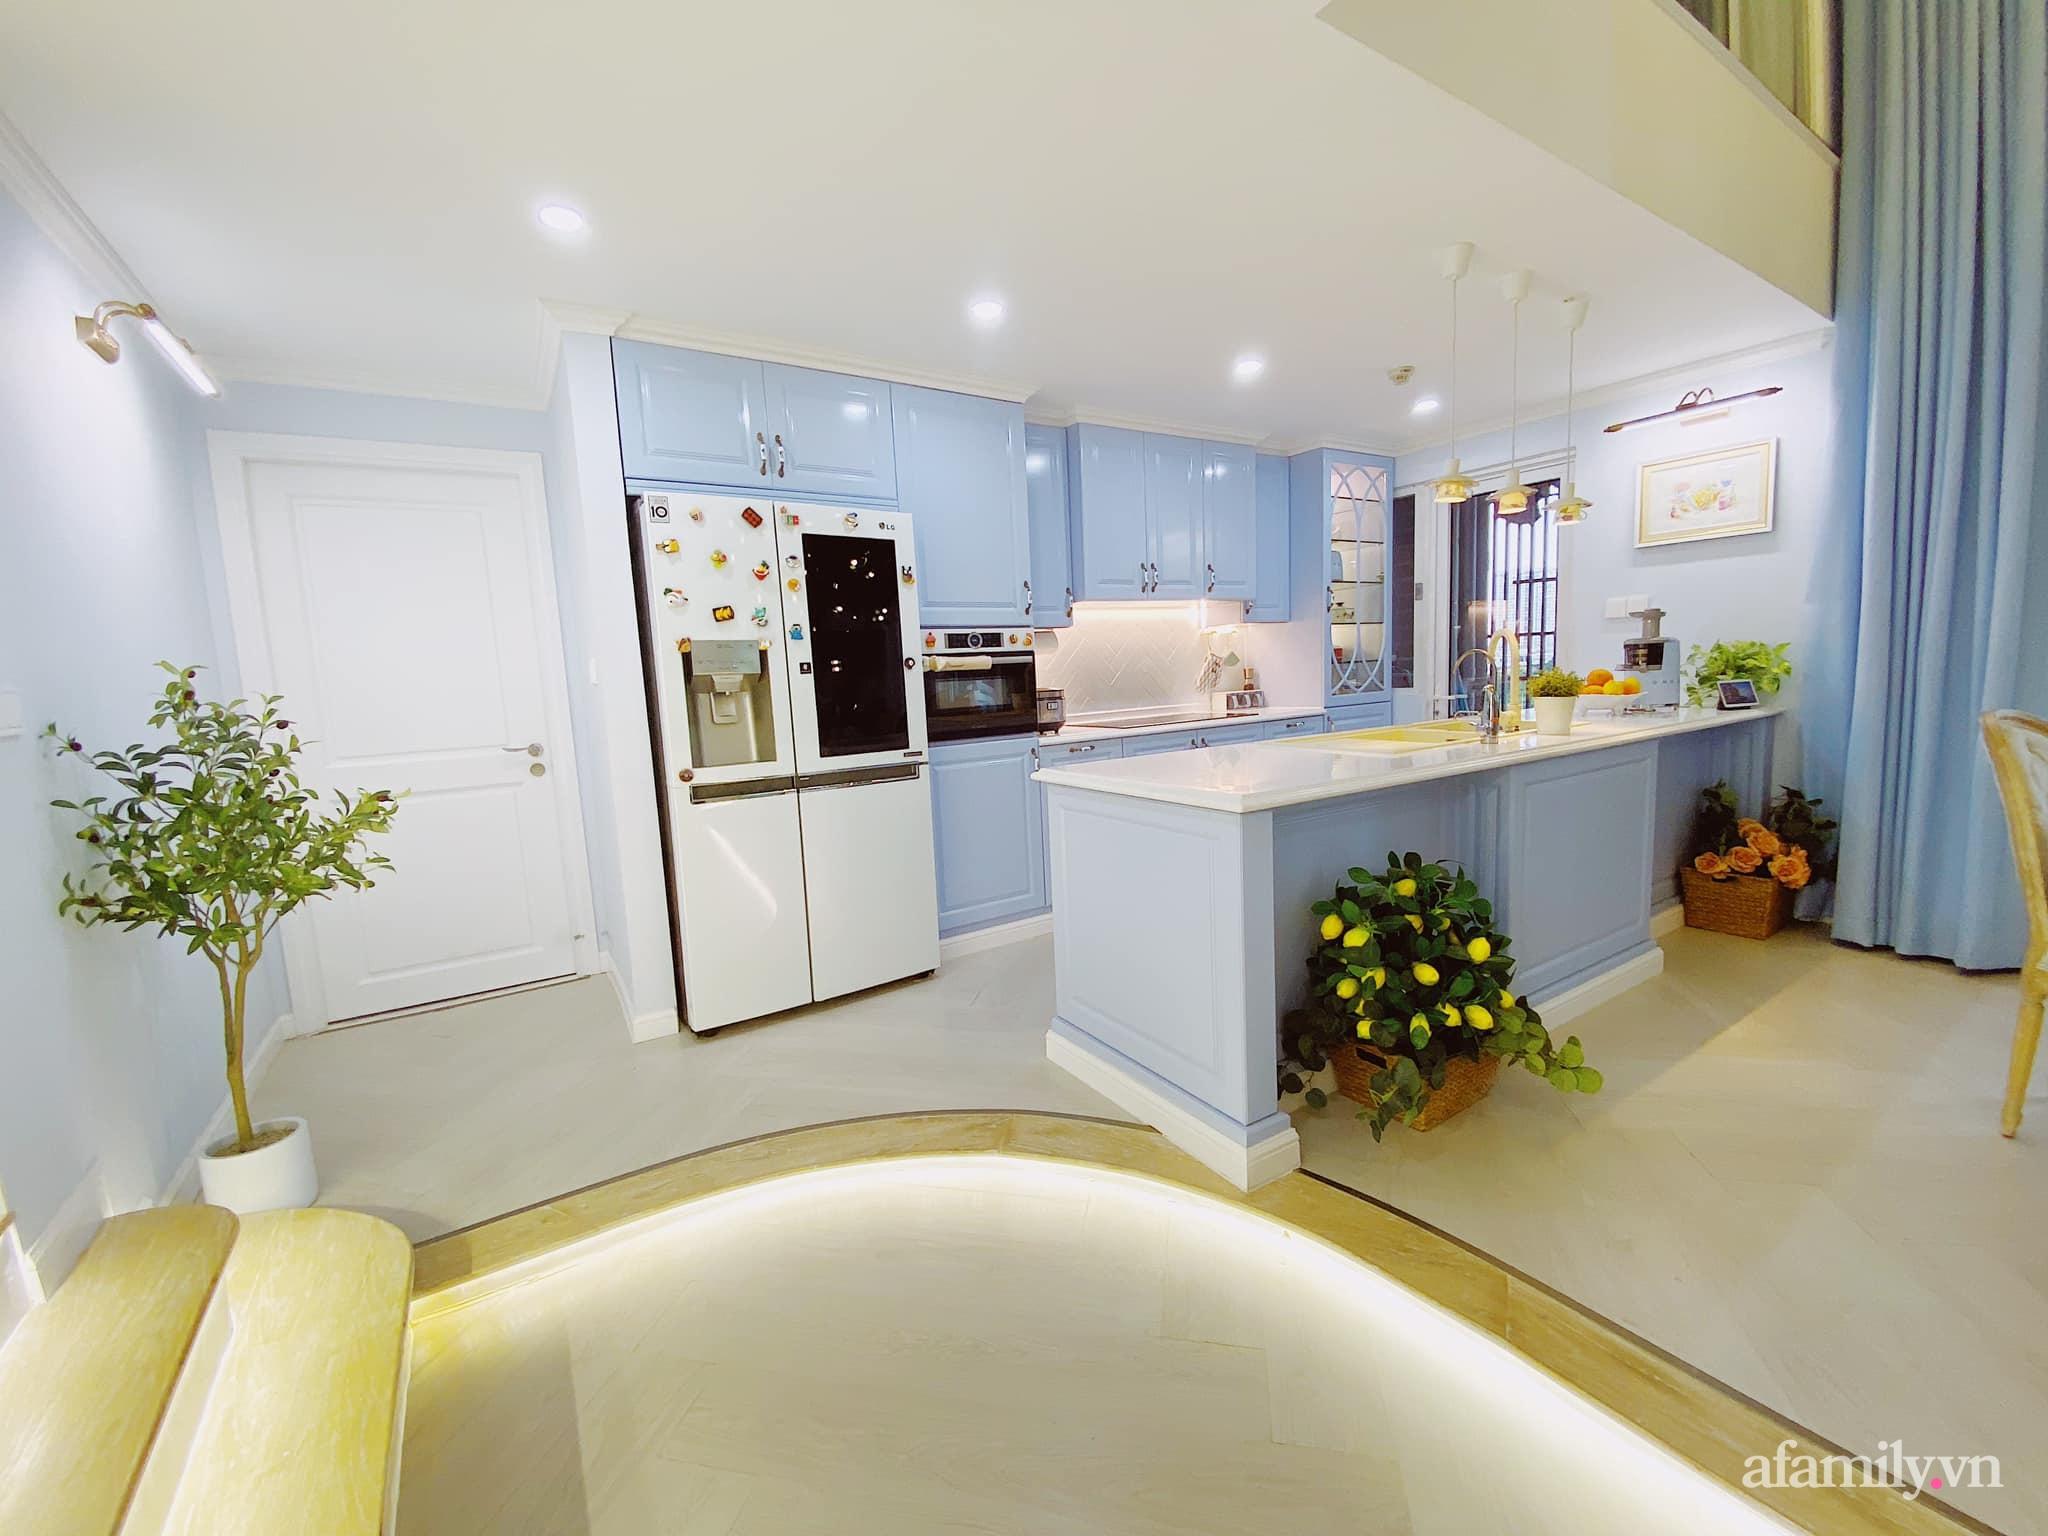 Căn bếp màu xanh yên bình, sang trọng với đủ thiết bị hiện đại của mẹ trẻ xinh đẹp Sài Thành - Ảnh 2.